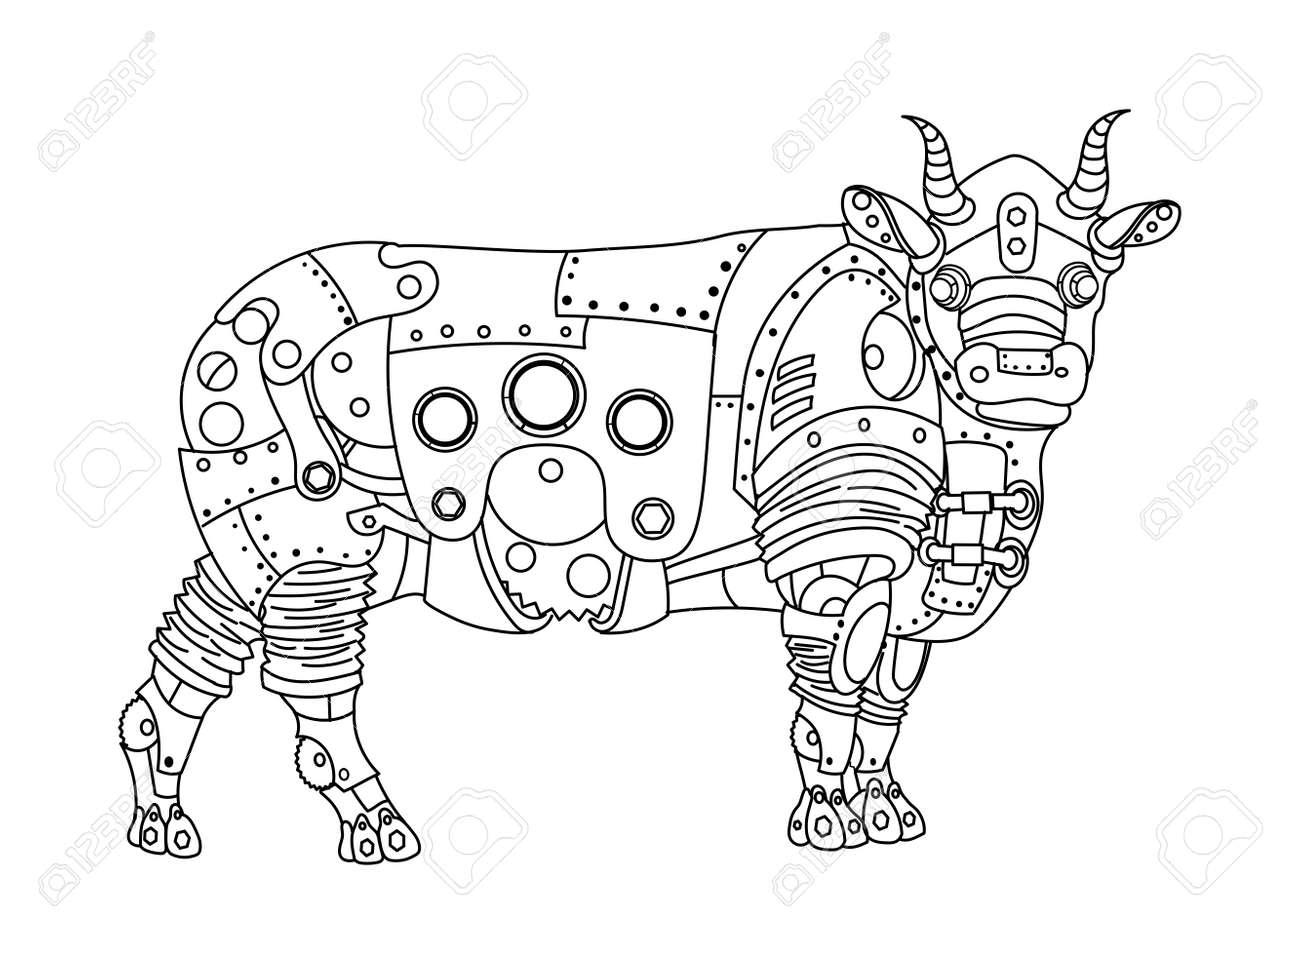 Coloriage Animaux Taureau.Steampunk Style Taureau Animal Mecanique Livre De Coloriage Pour